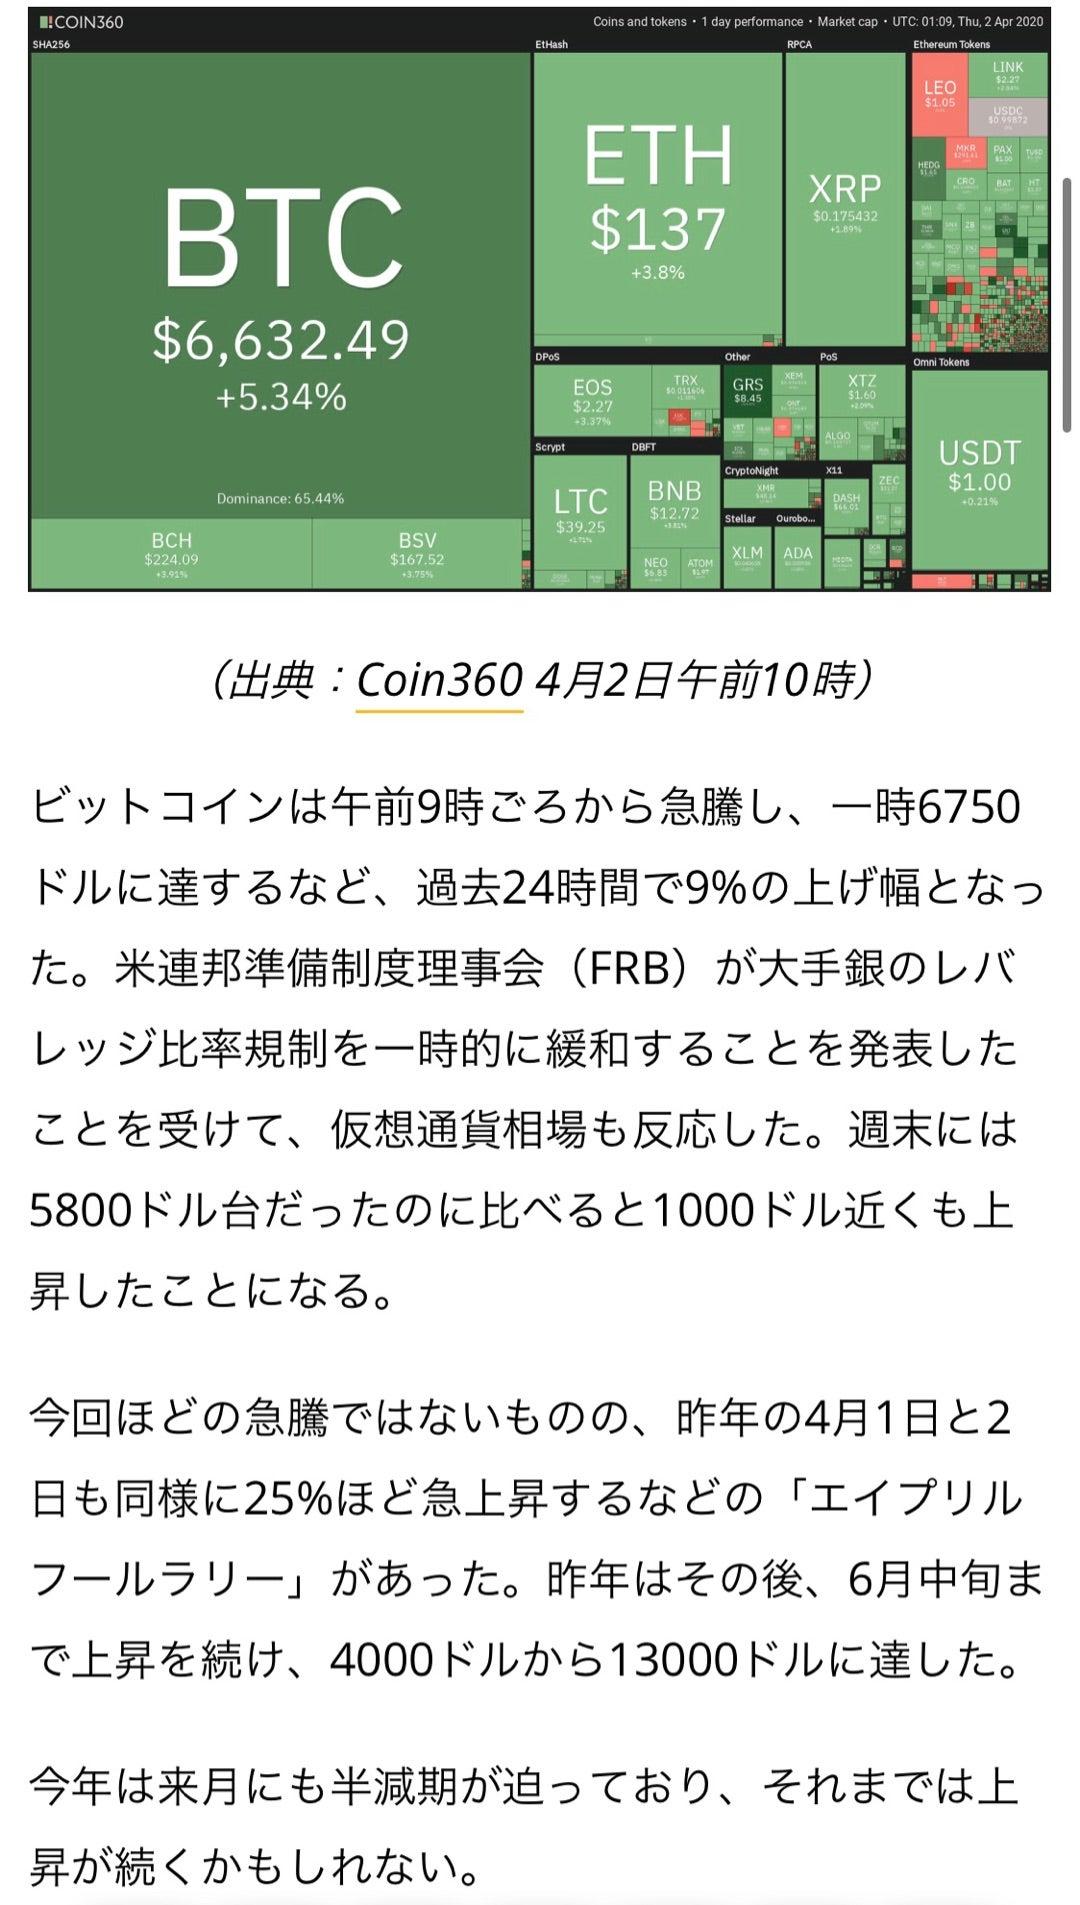 ビットコイン半減期により、撤退するマイニング企業 | COIN OTAKU(コインオタク)